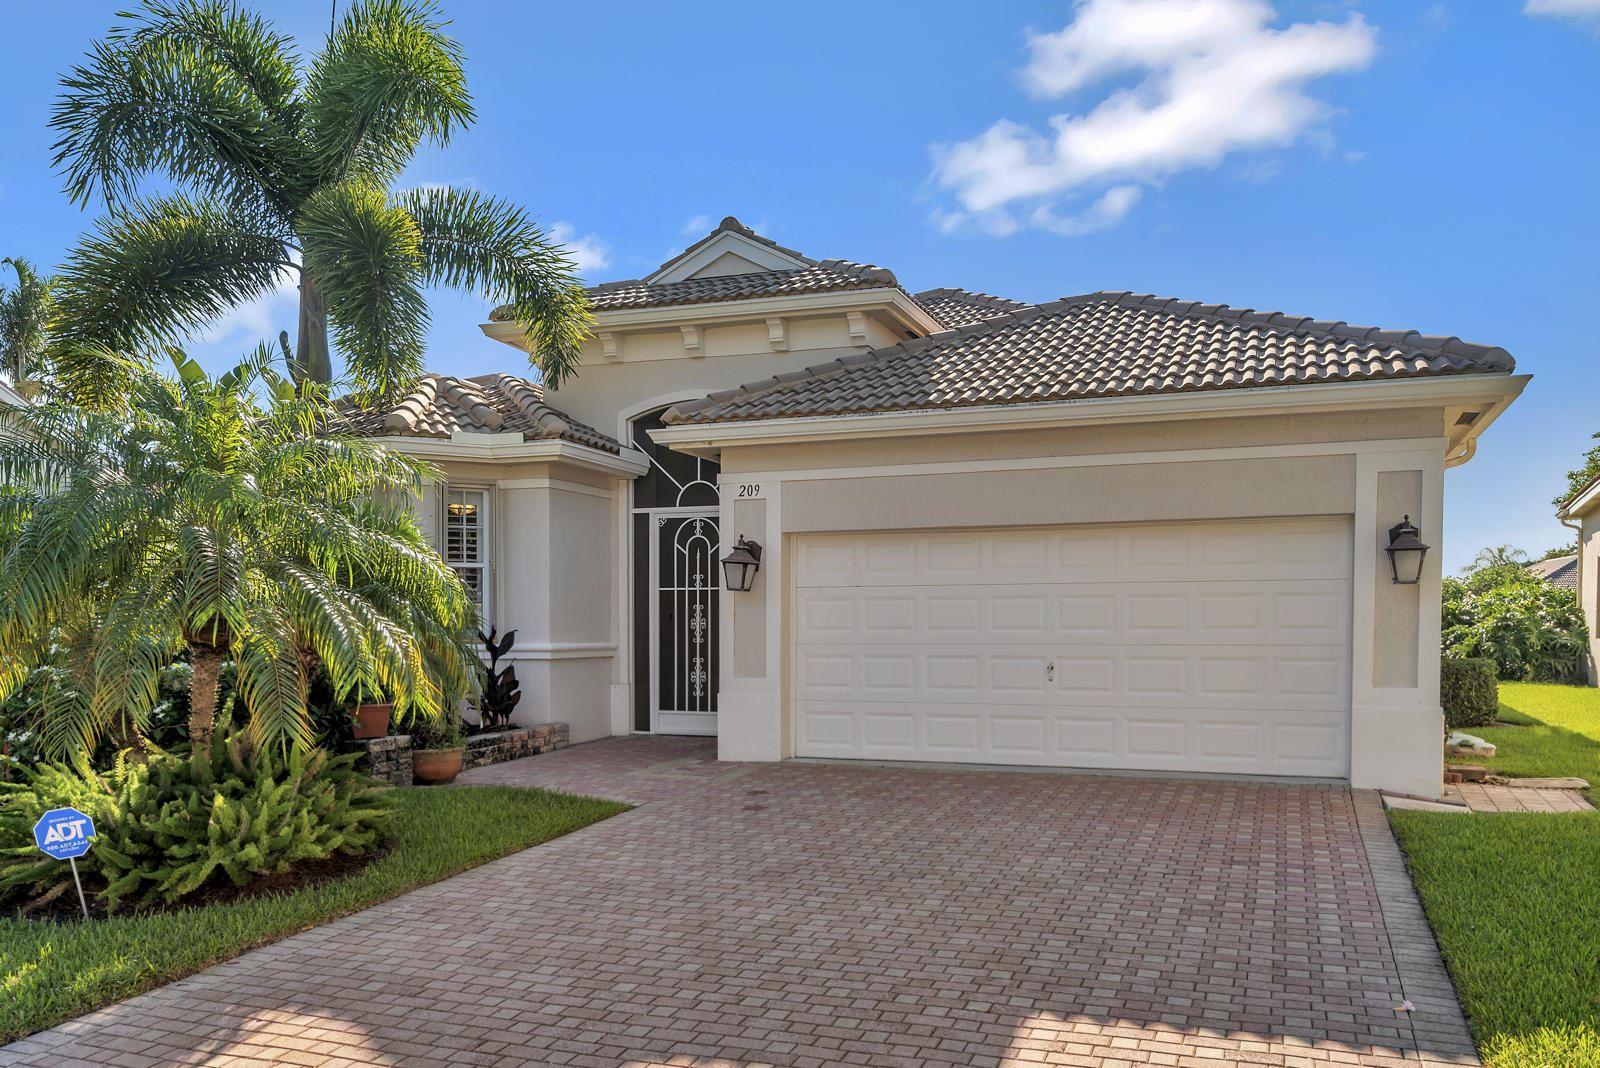 209 Palm Circle, Atlantis, FL 33462 - #: RX-10631563